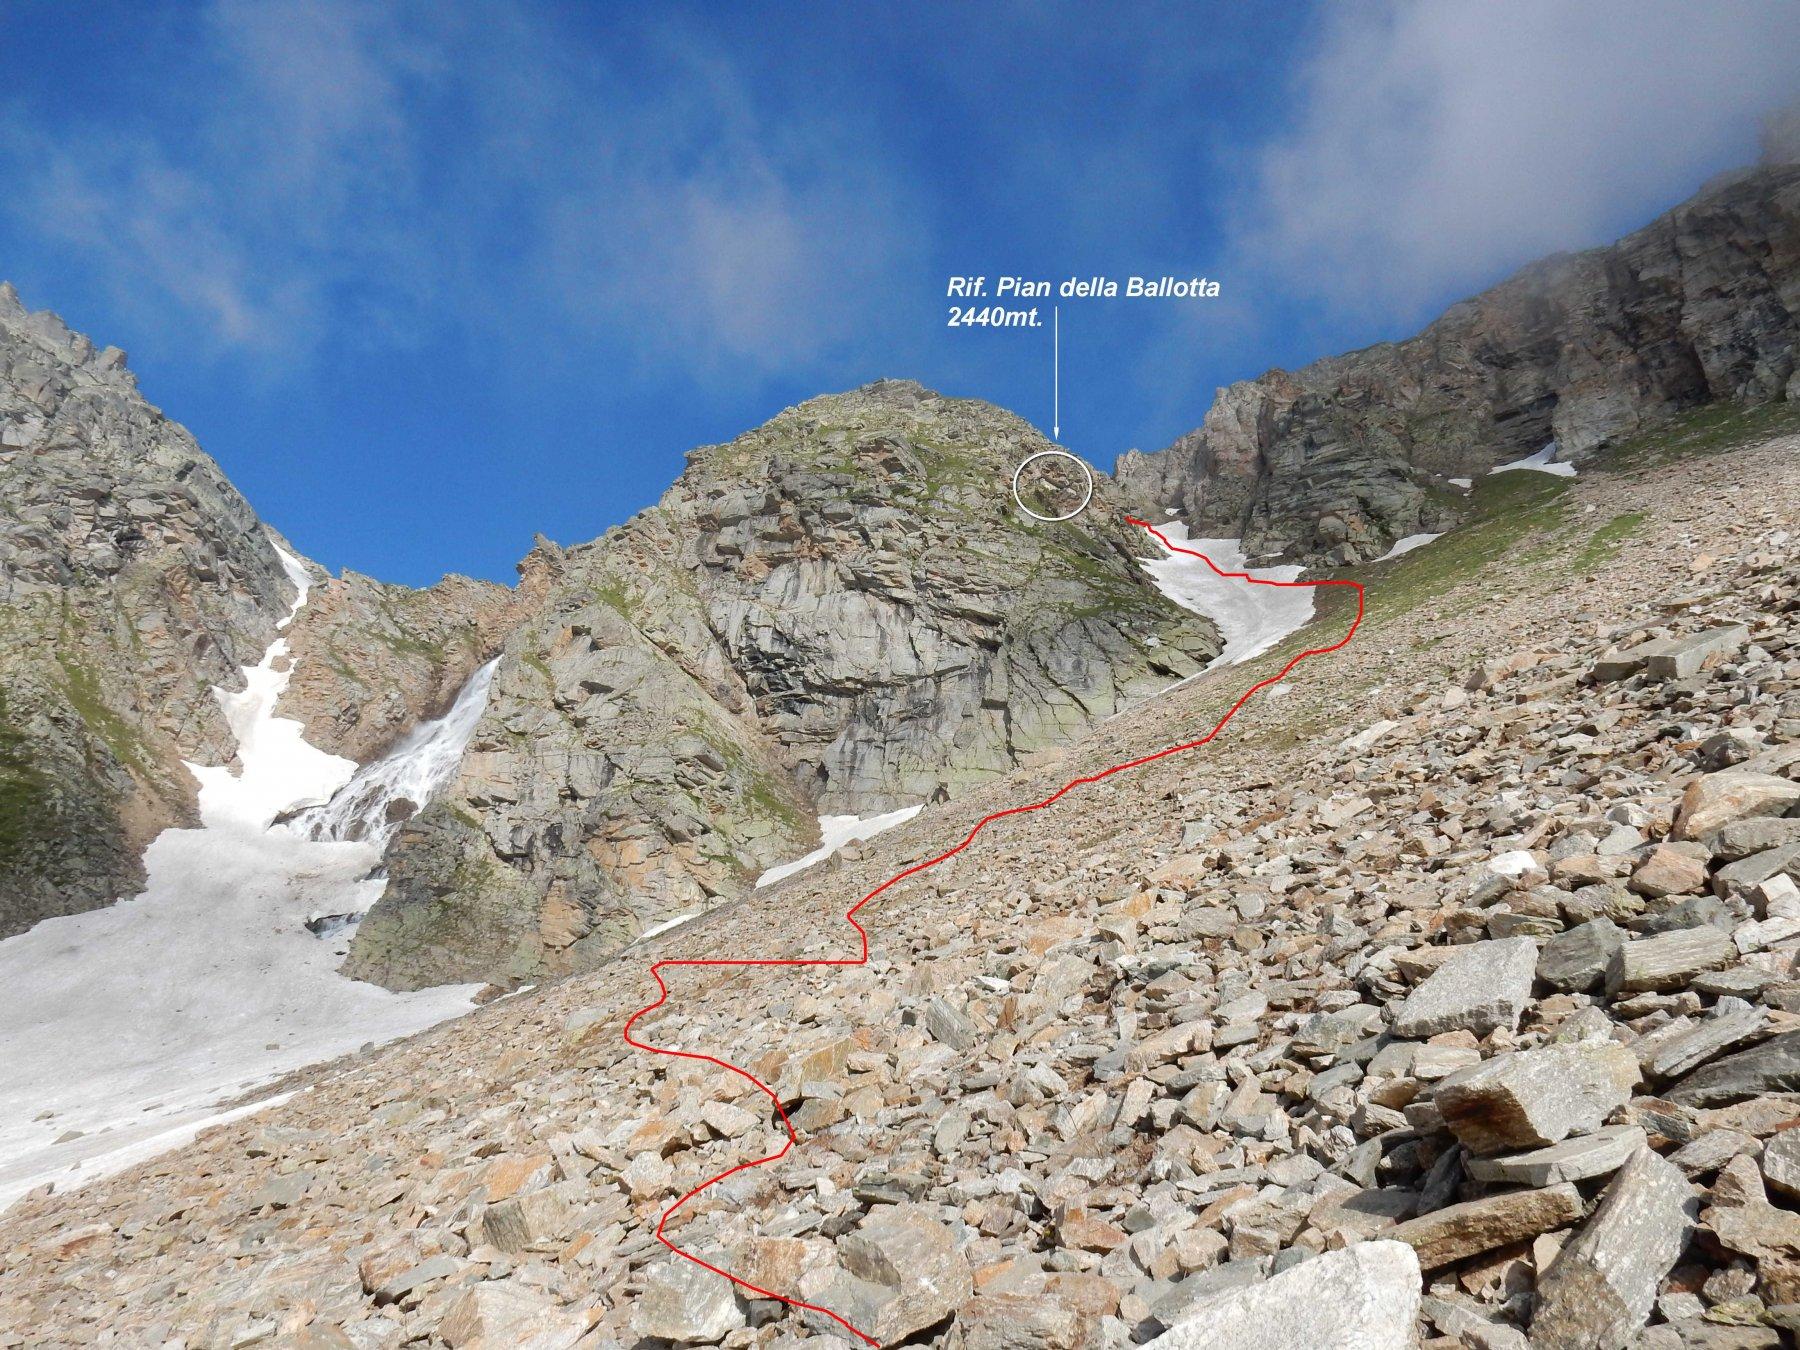 La traccia che dal Lago Serrù  sale verso il Rif. Pian della Ballotta.